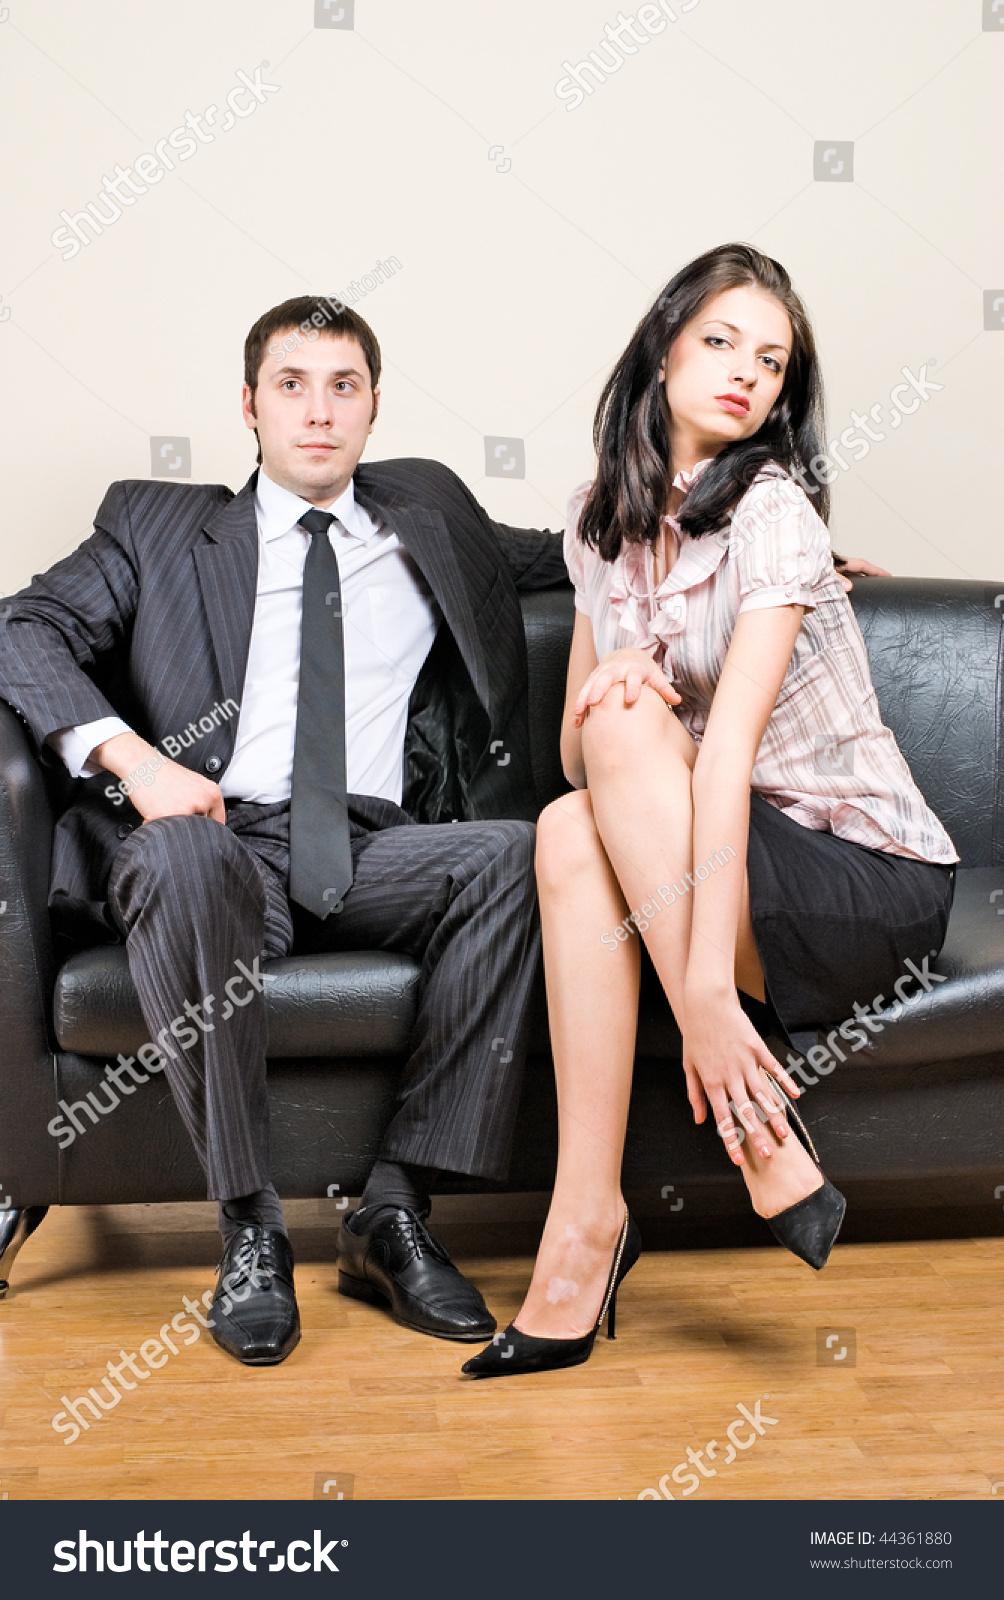 Секретарь и босс фото 9 фотография